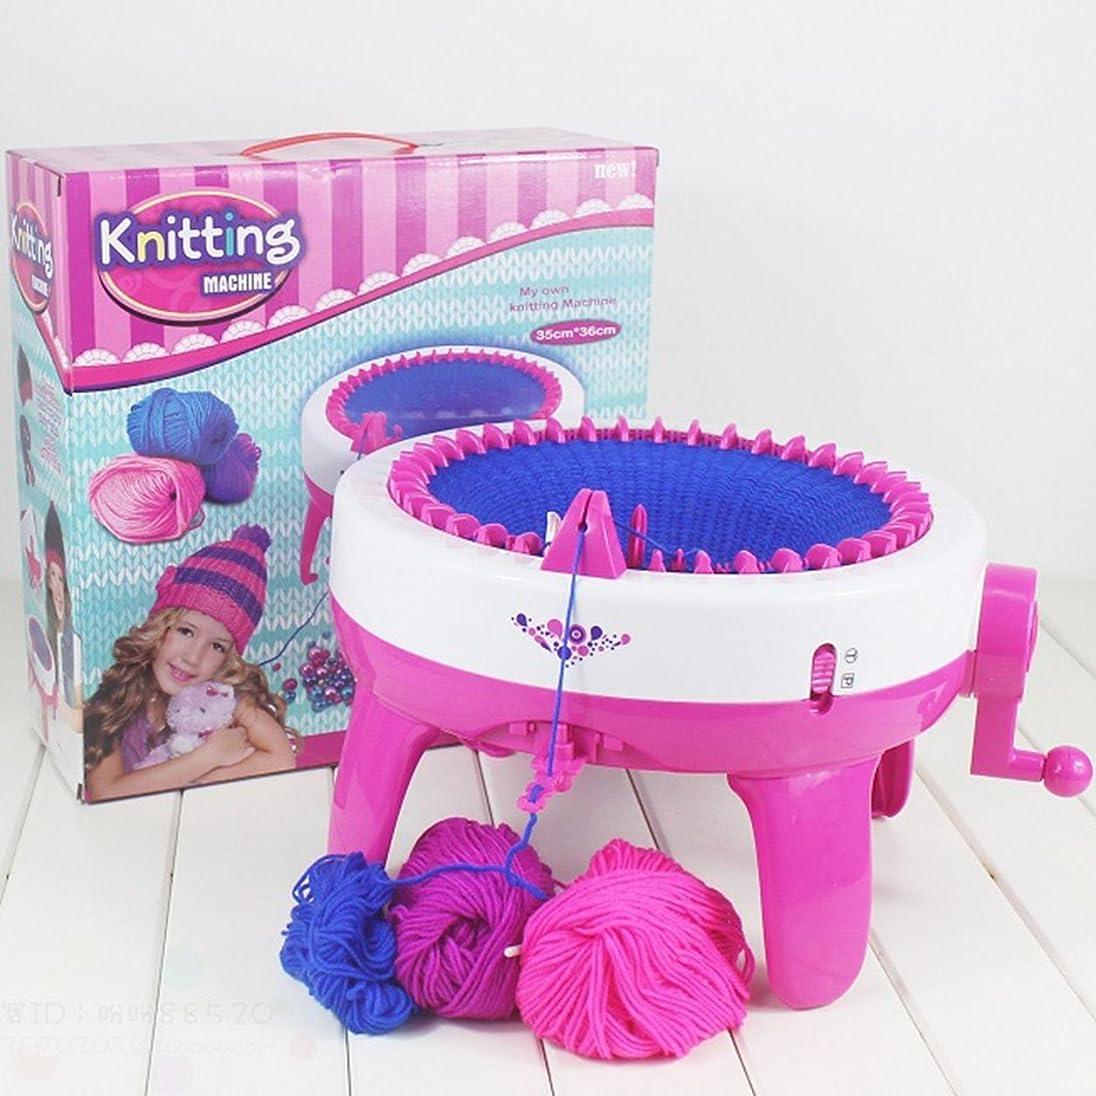 思春期の朝食を食べるを必要としていますSaikogoods おかしいデザイン子供女の子編機DIYマニュアル帽子スカーフ編み機ニットセーターのおもちゃ子供のための ピンク&ホワイト